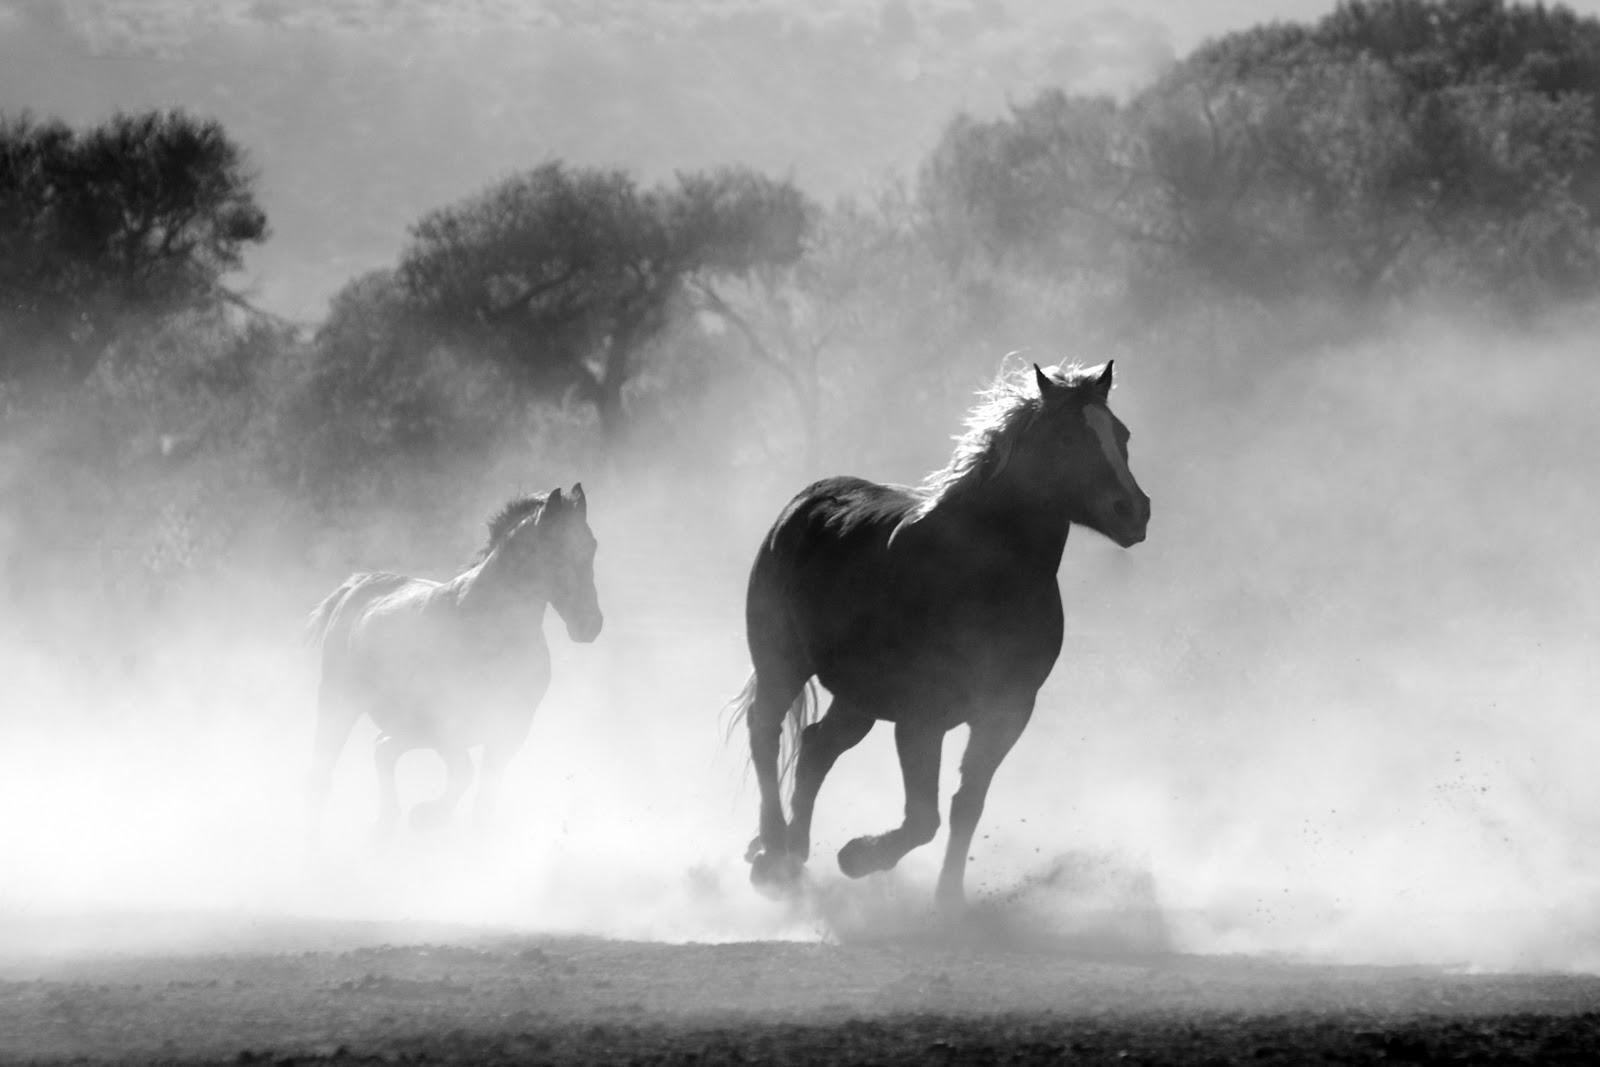 二頭の馬が霧の中を走っている